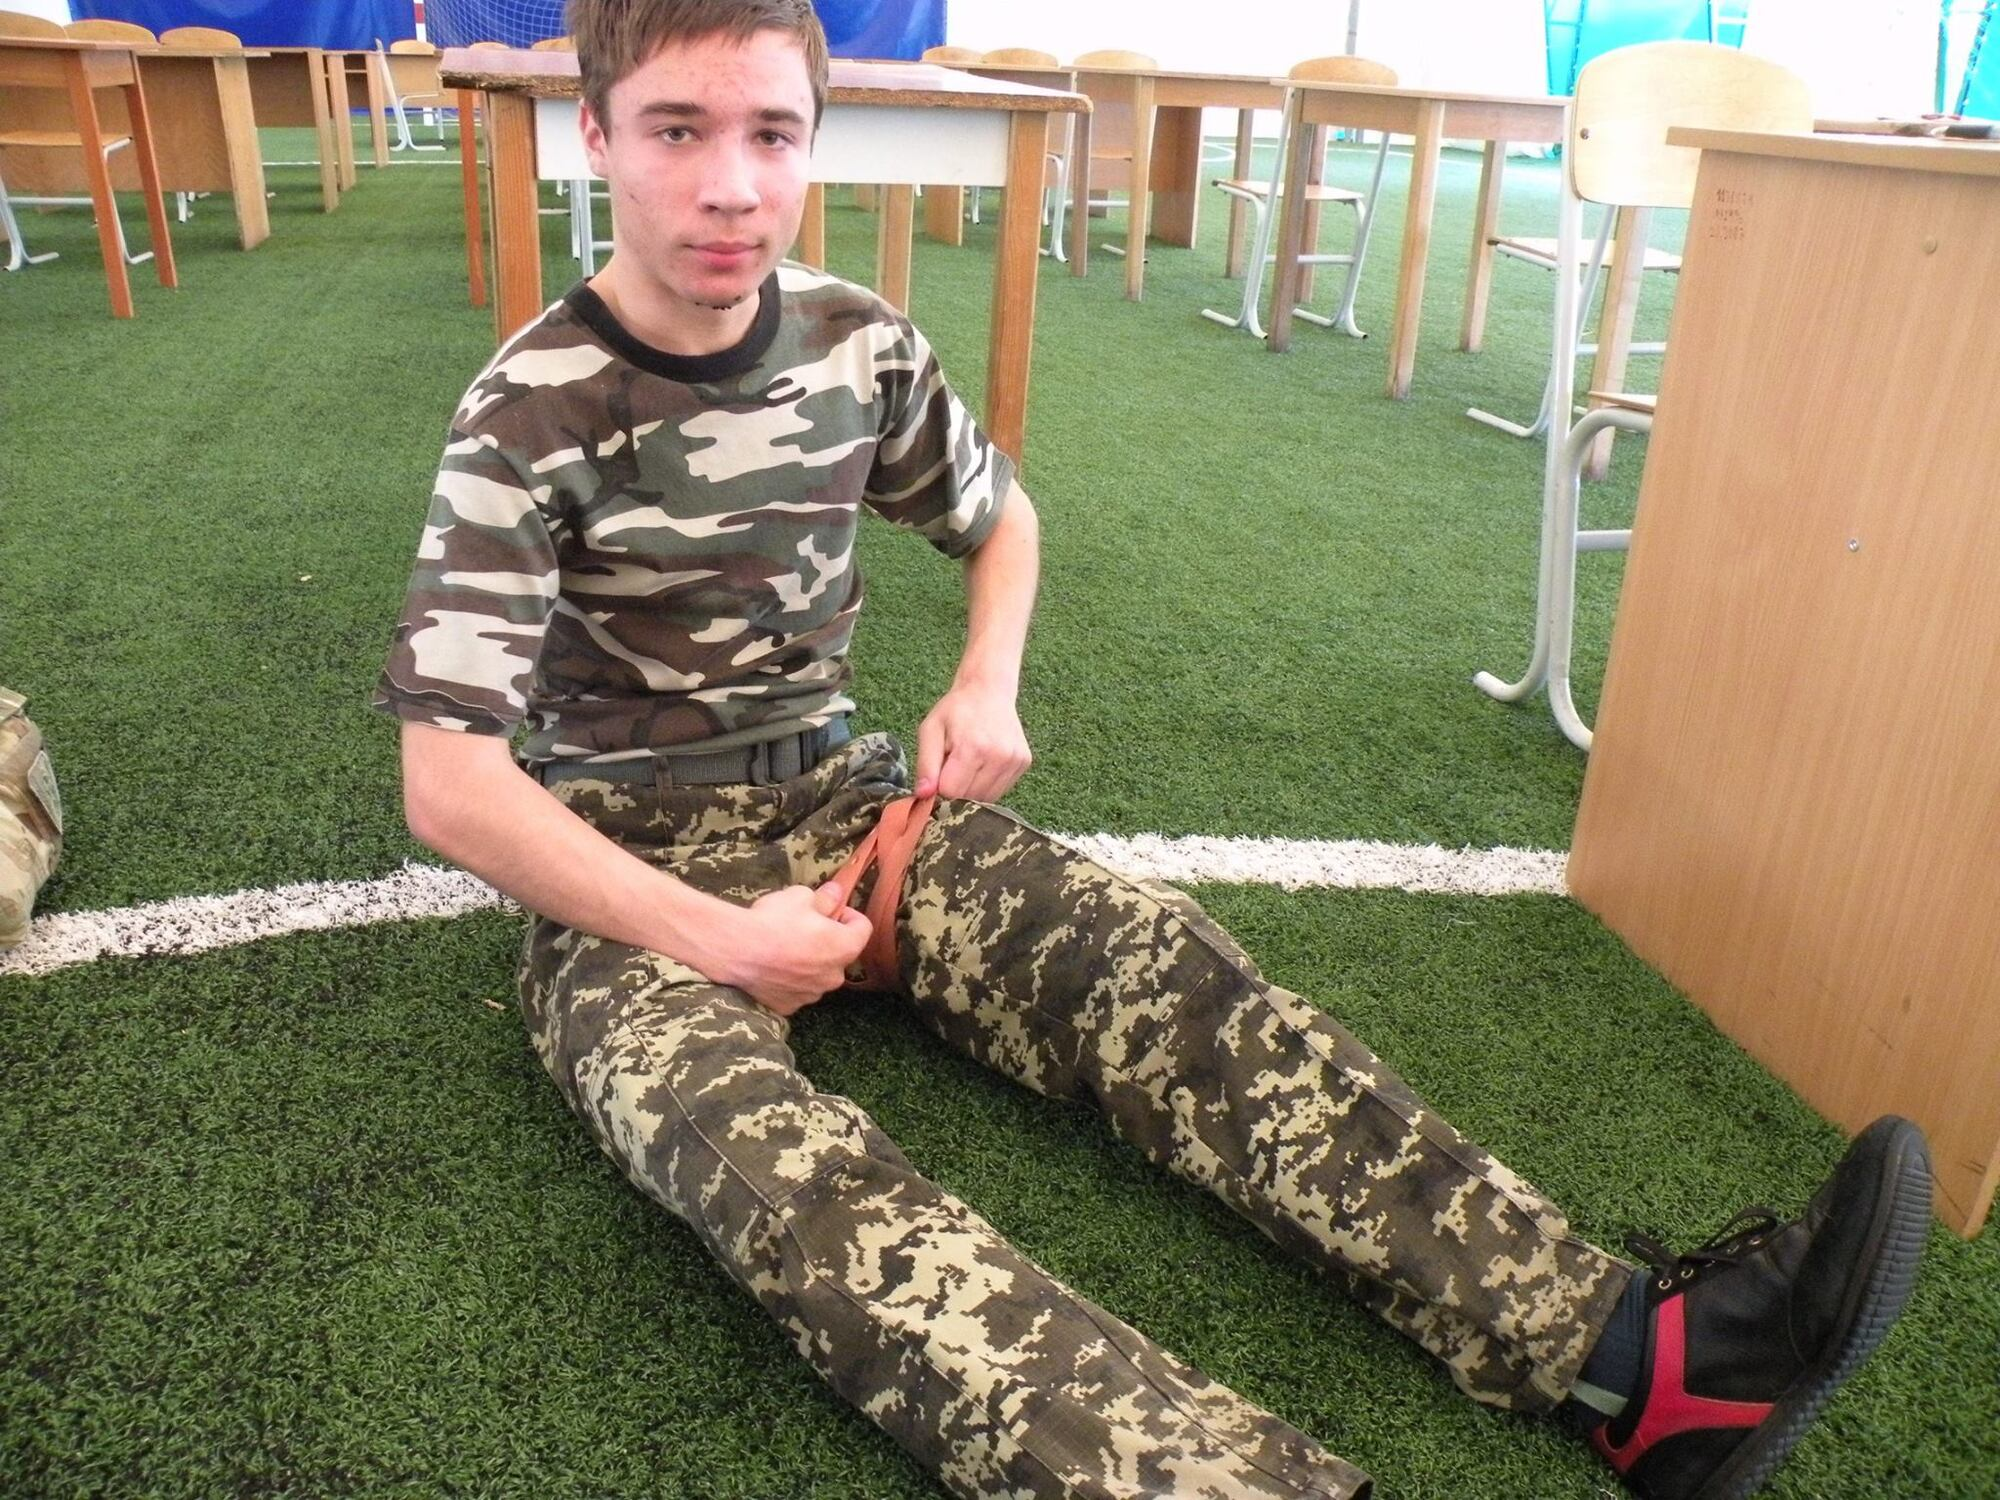 ФСБ зізналася у викраденні 19-річного українця в Білорусі: з'явилися подробиці